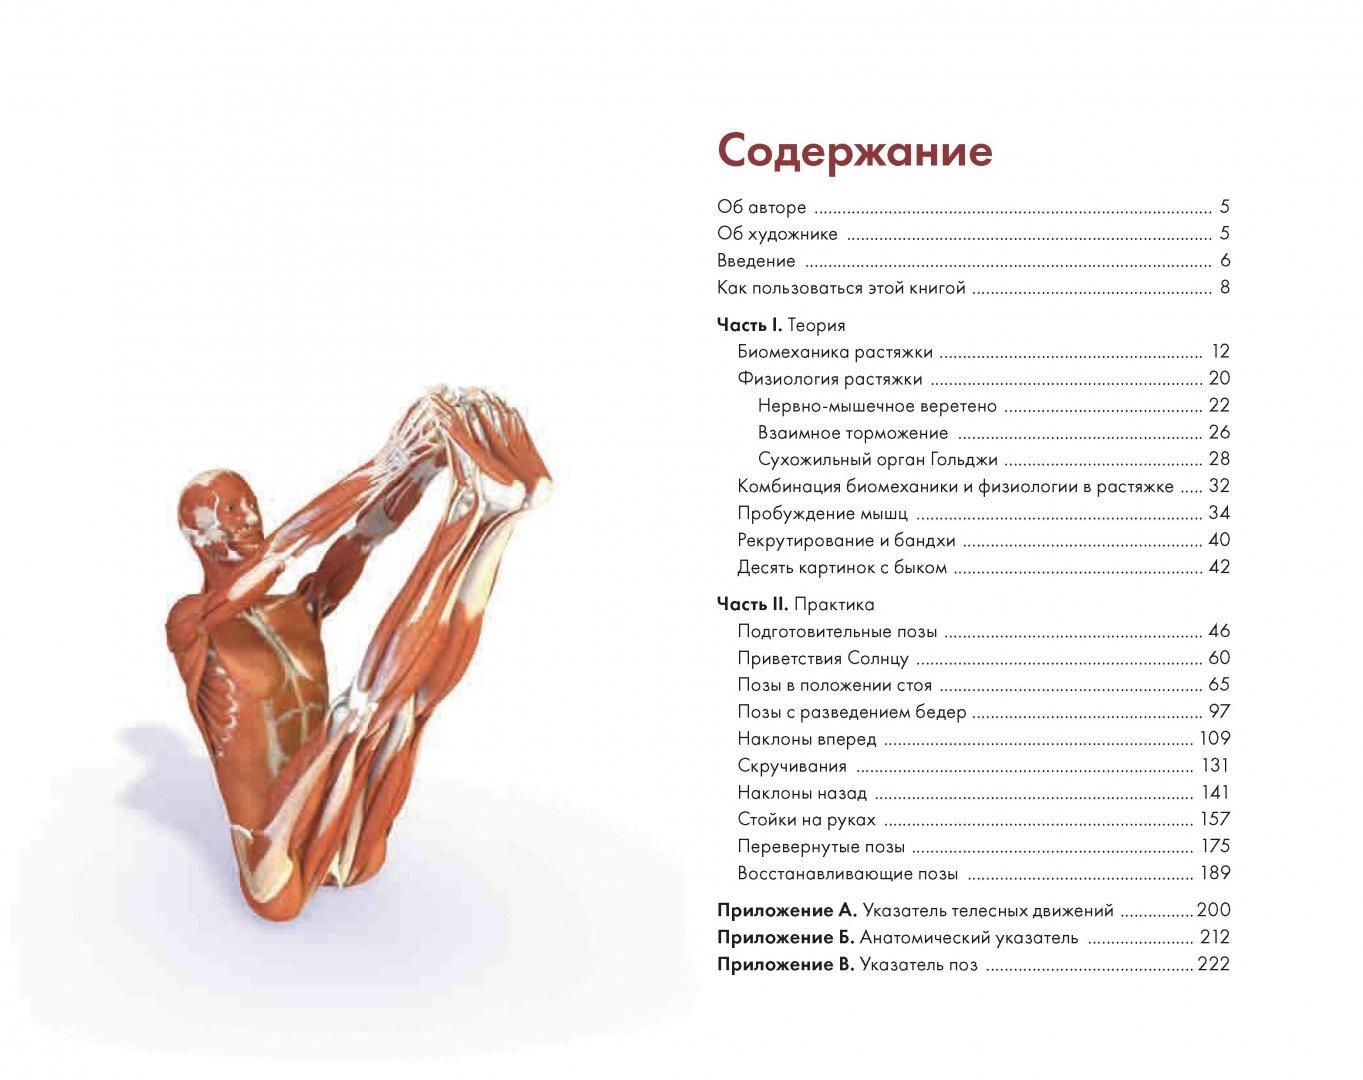 Иллюстрация 1 из 27 для Ключевые позы йоги. Руководство по функциональной анатомии йоги - Рэй Лонг | Лабиринт - книги. Источник: Лабиринт